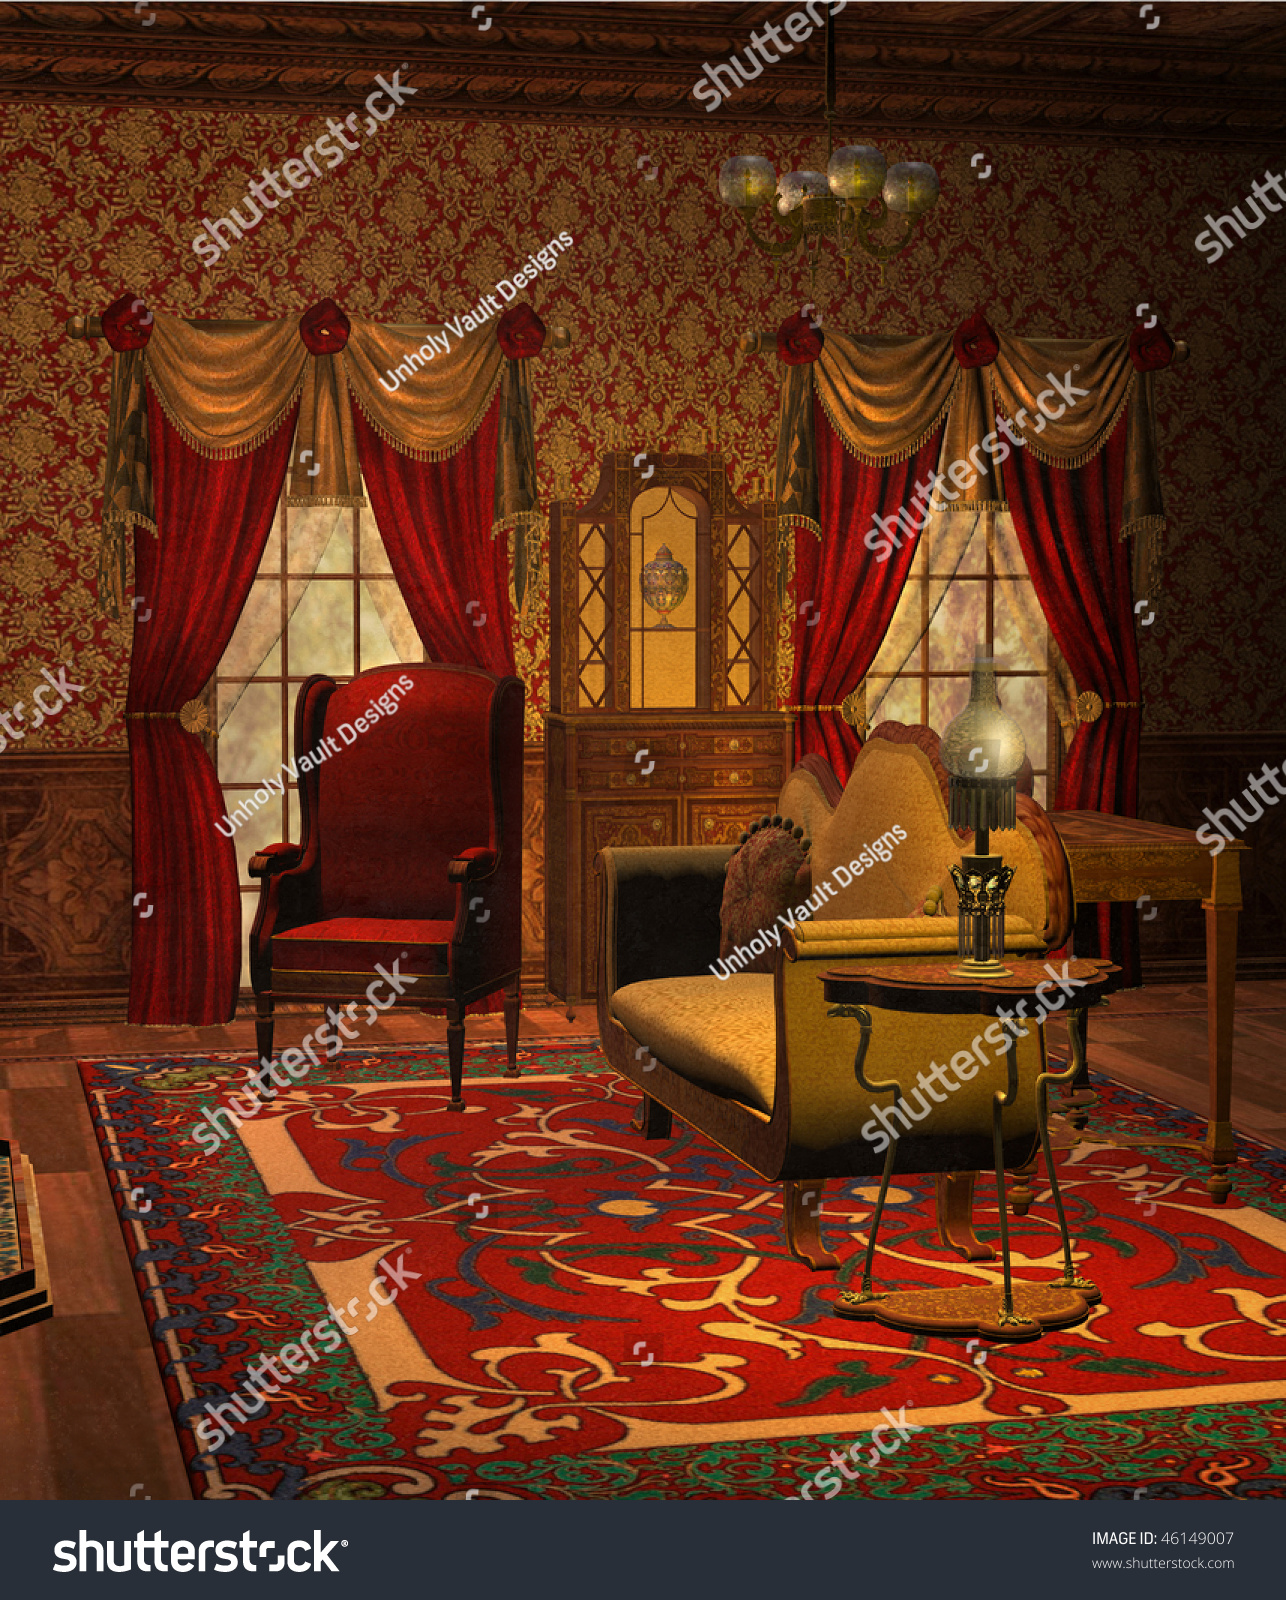 Fantasy Living Room With A Sofa